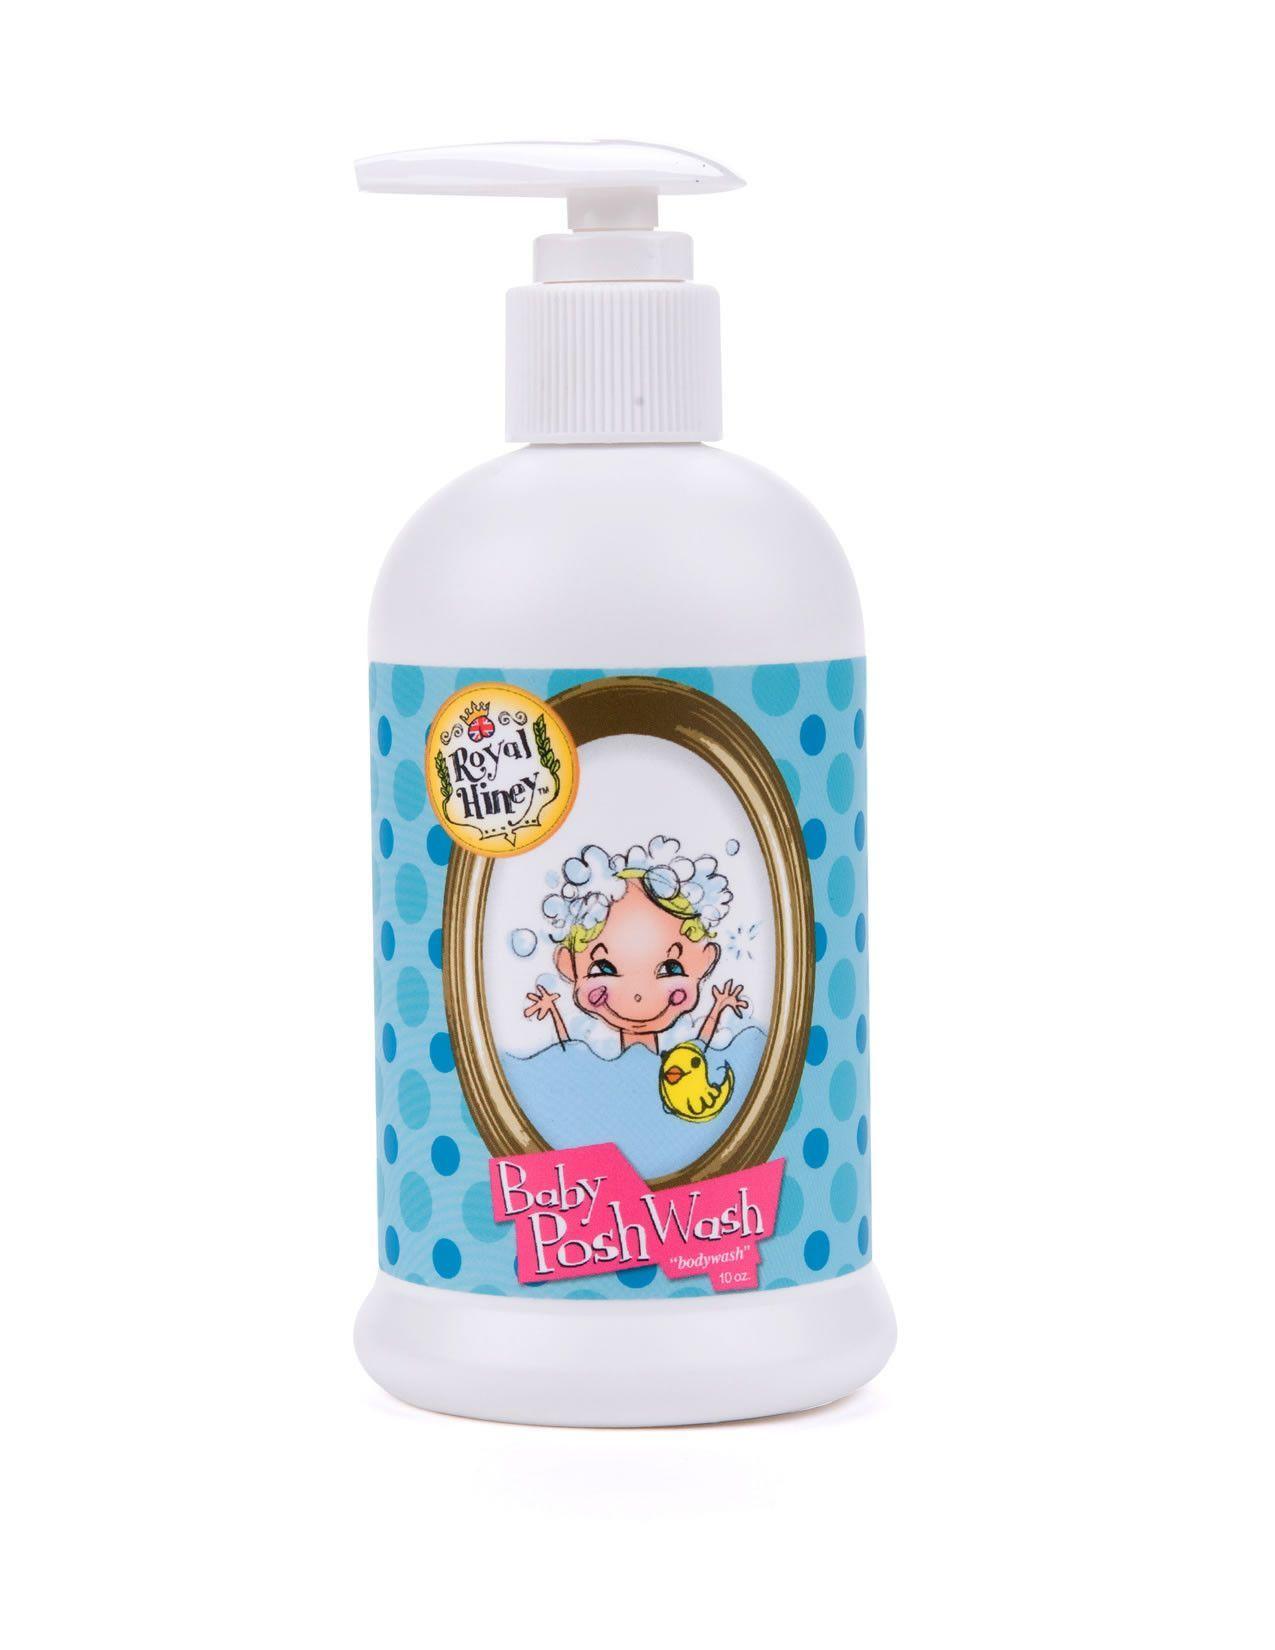 Baby Posh Wash by Royal Hiney